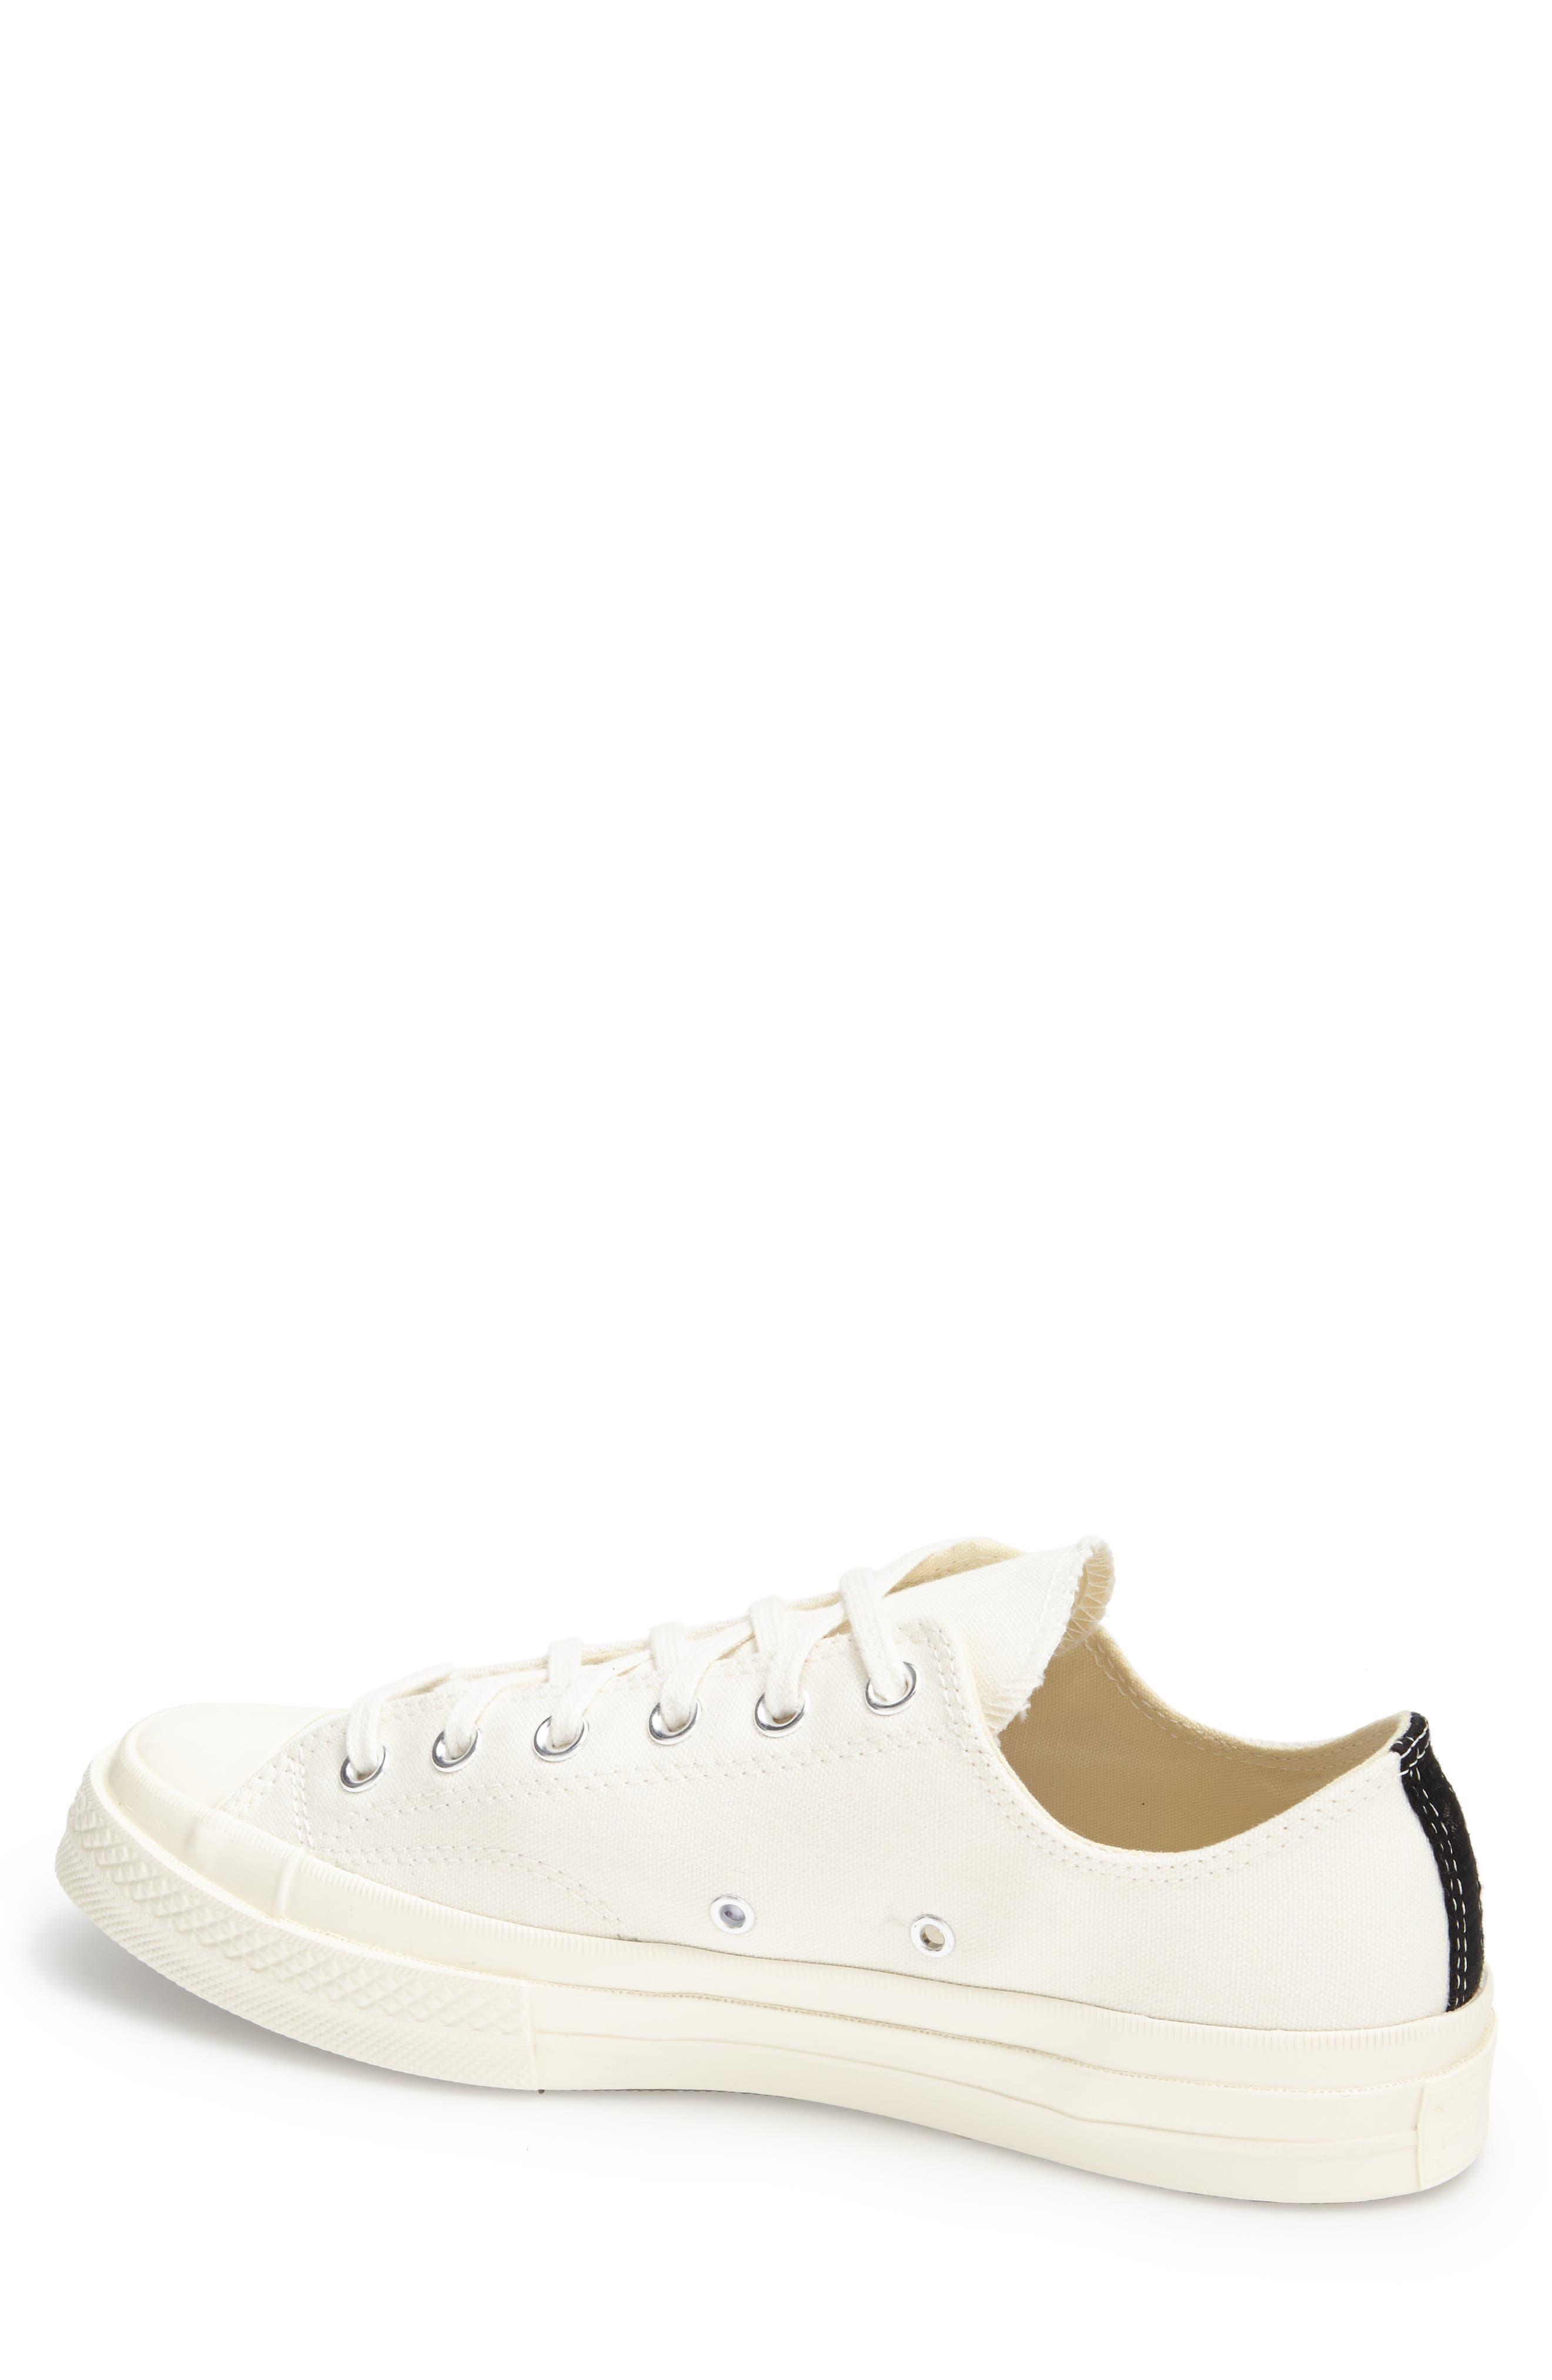 Alternate Image 2  - Comme des Garçons PLAY x Converse Chuck Taylor® Hidden Heart Low Top Sneaker (Women)